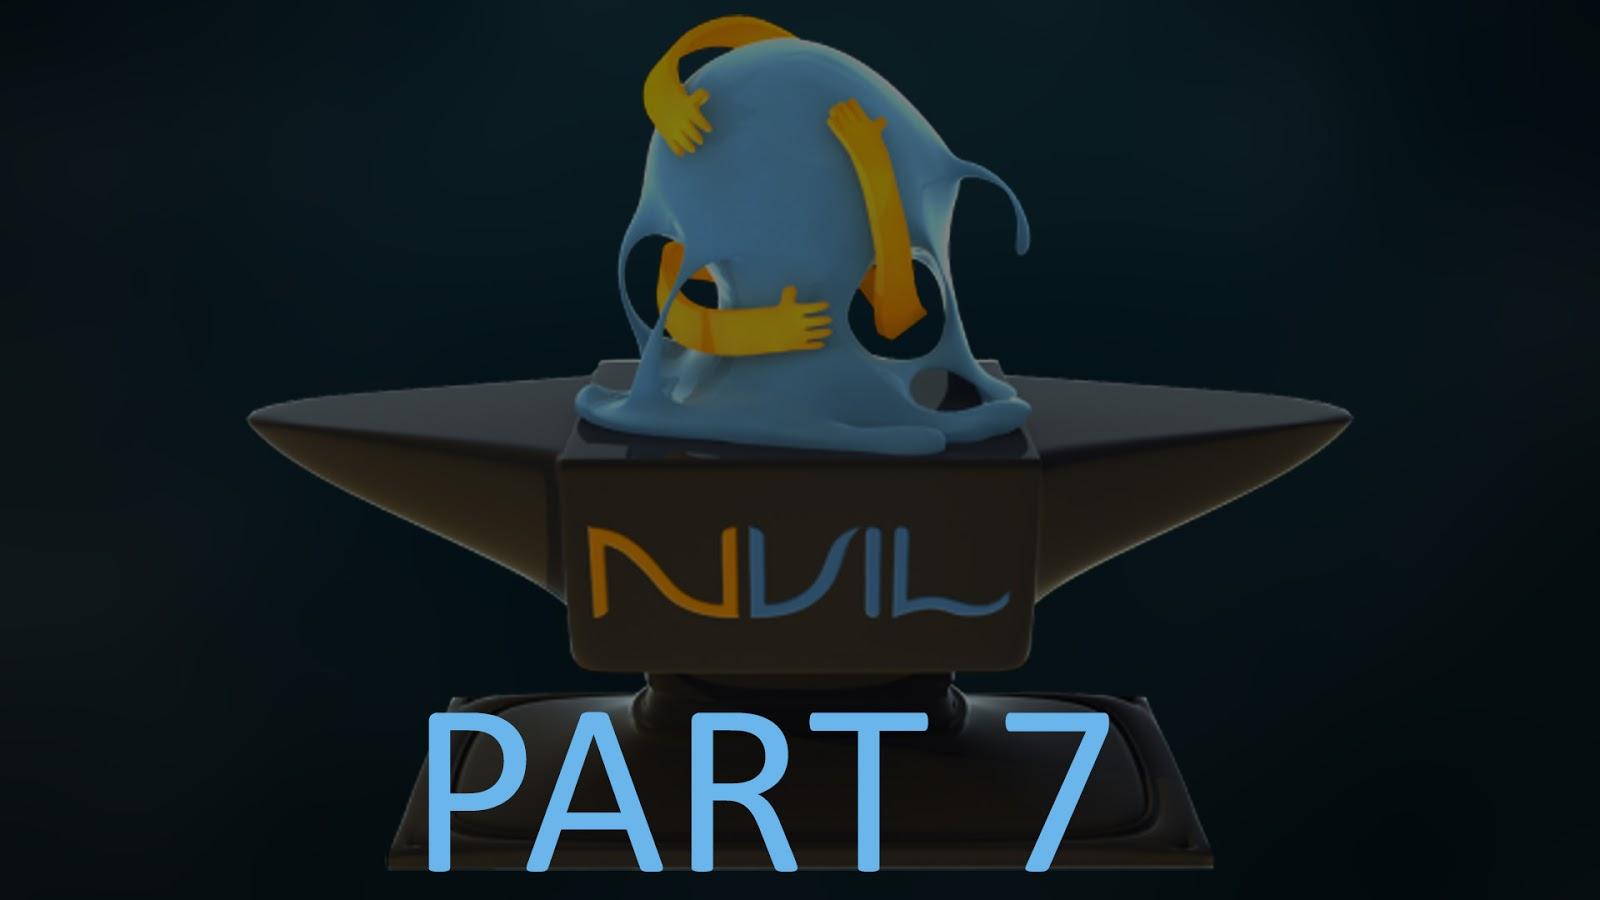 NVIL_pp7_youtube.jpg